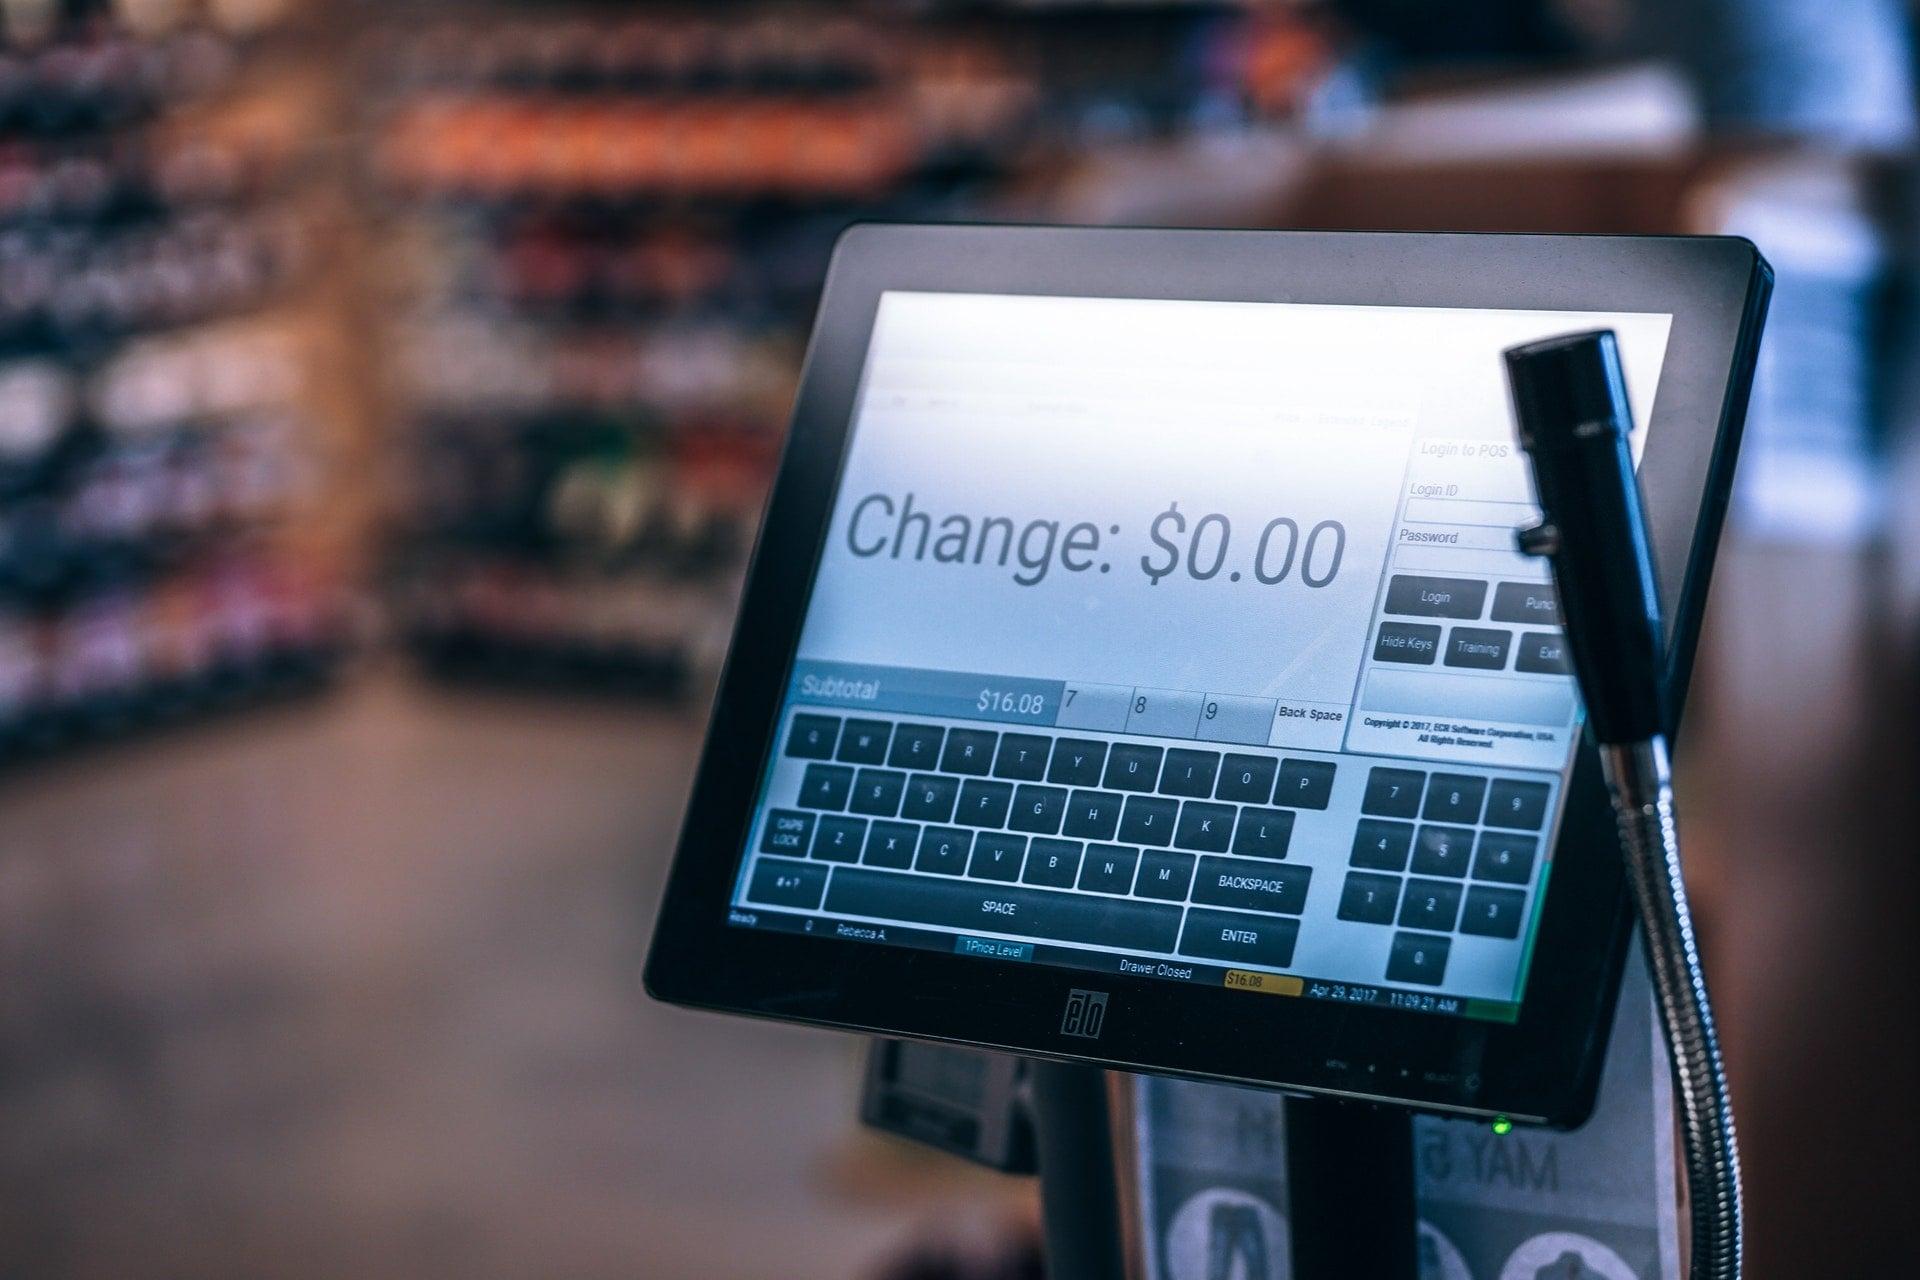 store shop payment screen monitor change counter 金管會金愛管!嫌 ATM 太多太方便 阻礙行動支付發展